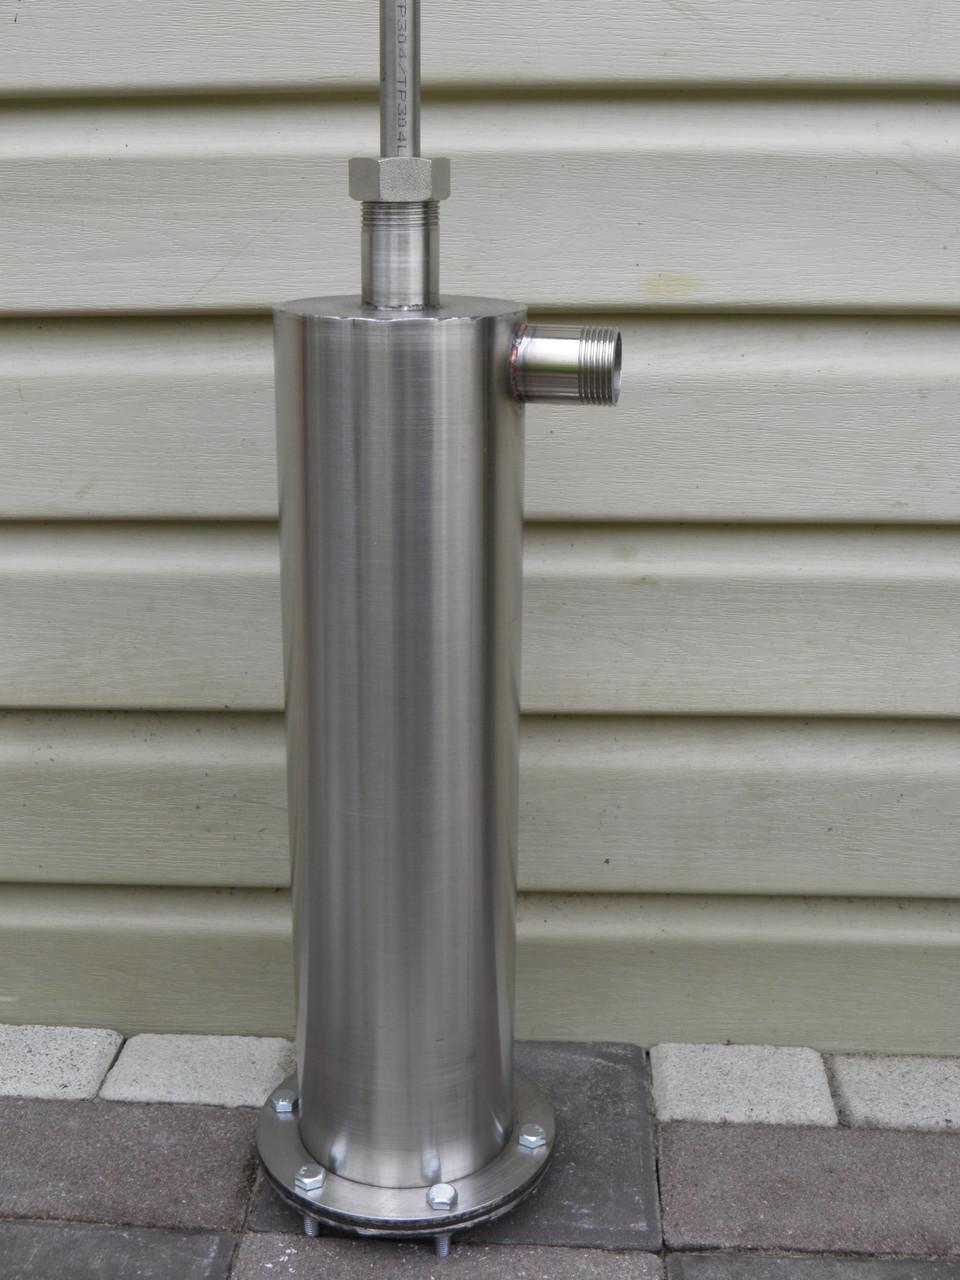 Ручной насос для колодца. Насос помпа на скважину (высота гильзы 500 мм, диаметр 104 мм), фото 1